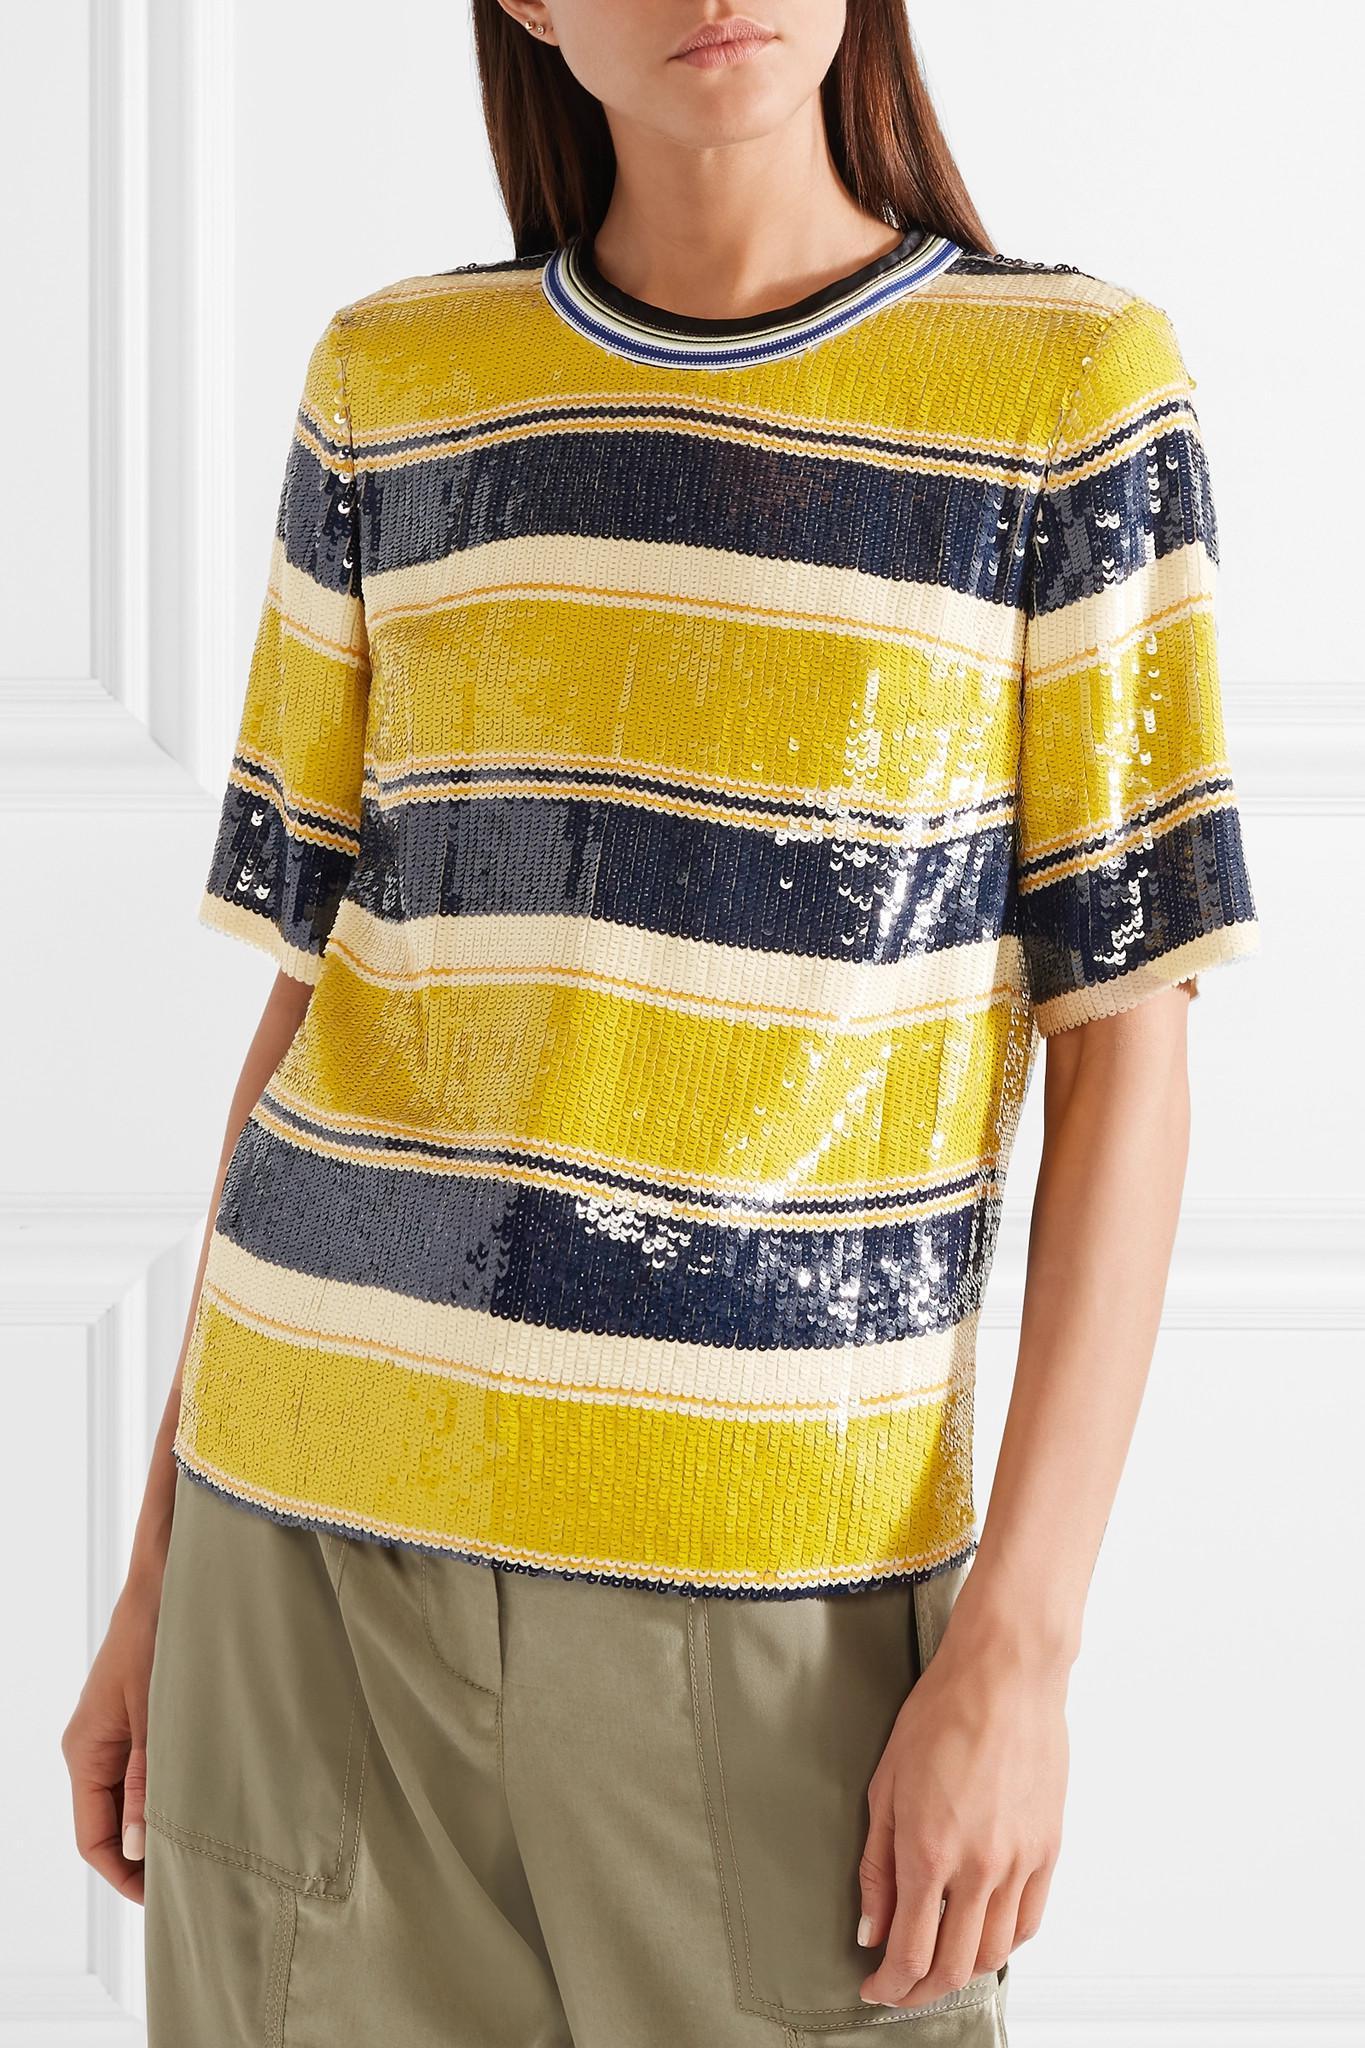 Striped Sequined Silk T-shirt - Yellow 3.1 Phillip Lim Buy Cheap Ebay Cheap 2018 New Cheap Pick A Best E322pjl